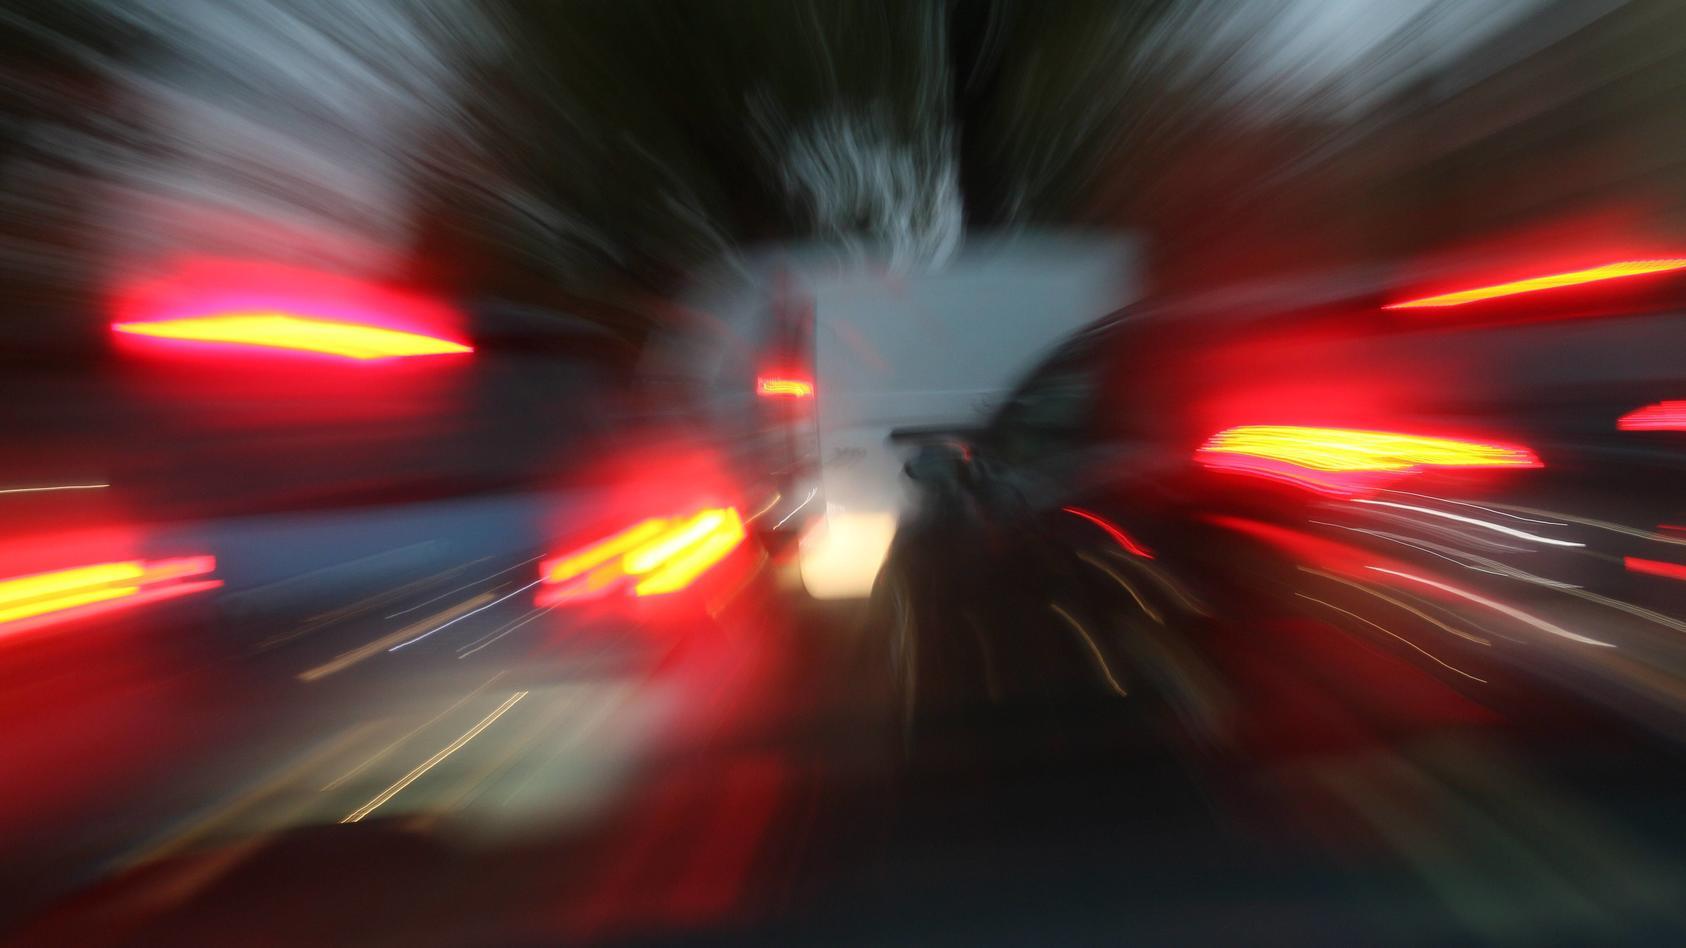 Bei einem verbotenen Autorennen in Selb ist ein 19-jähriger Fußgänger von einem Wagen erfasst und getötet worden